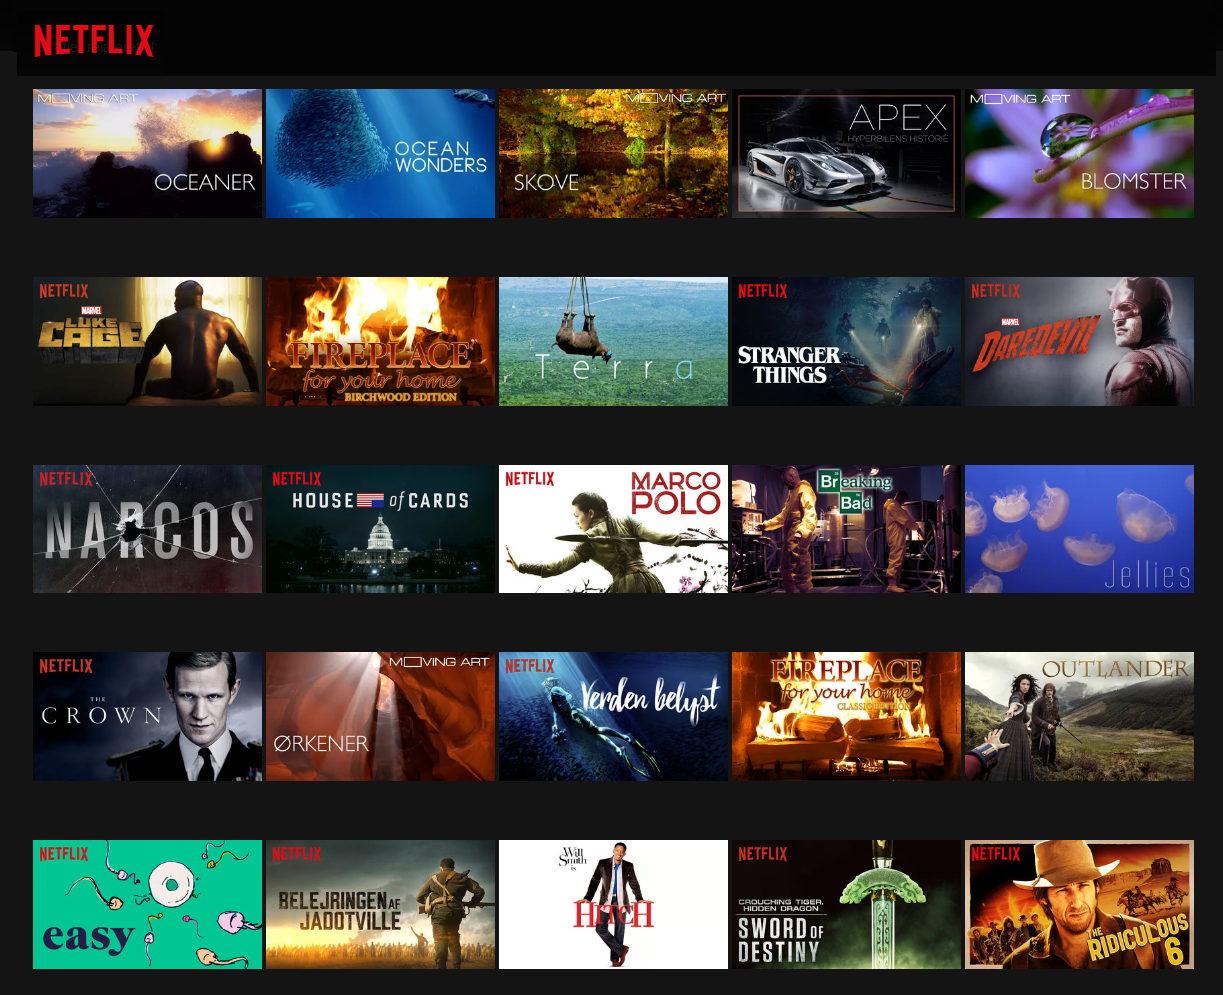 Noget af det indhold der er på Netflix i 4K-kvalitet